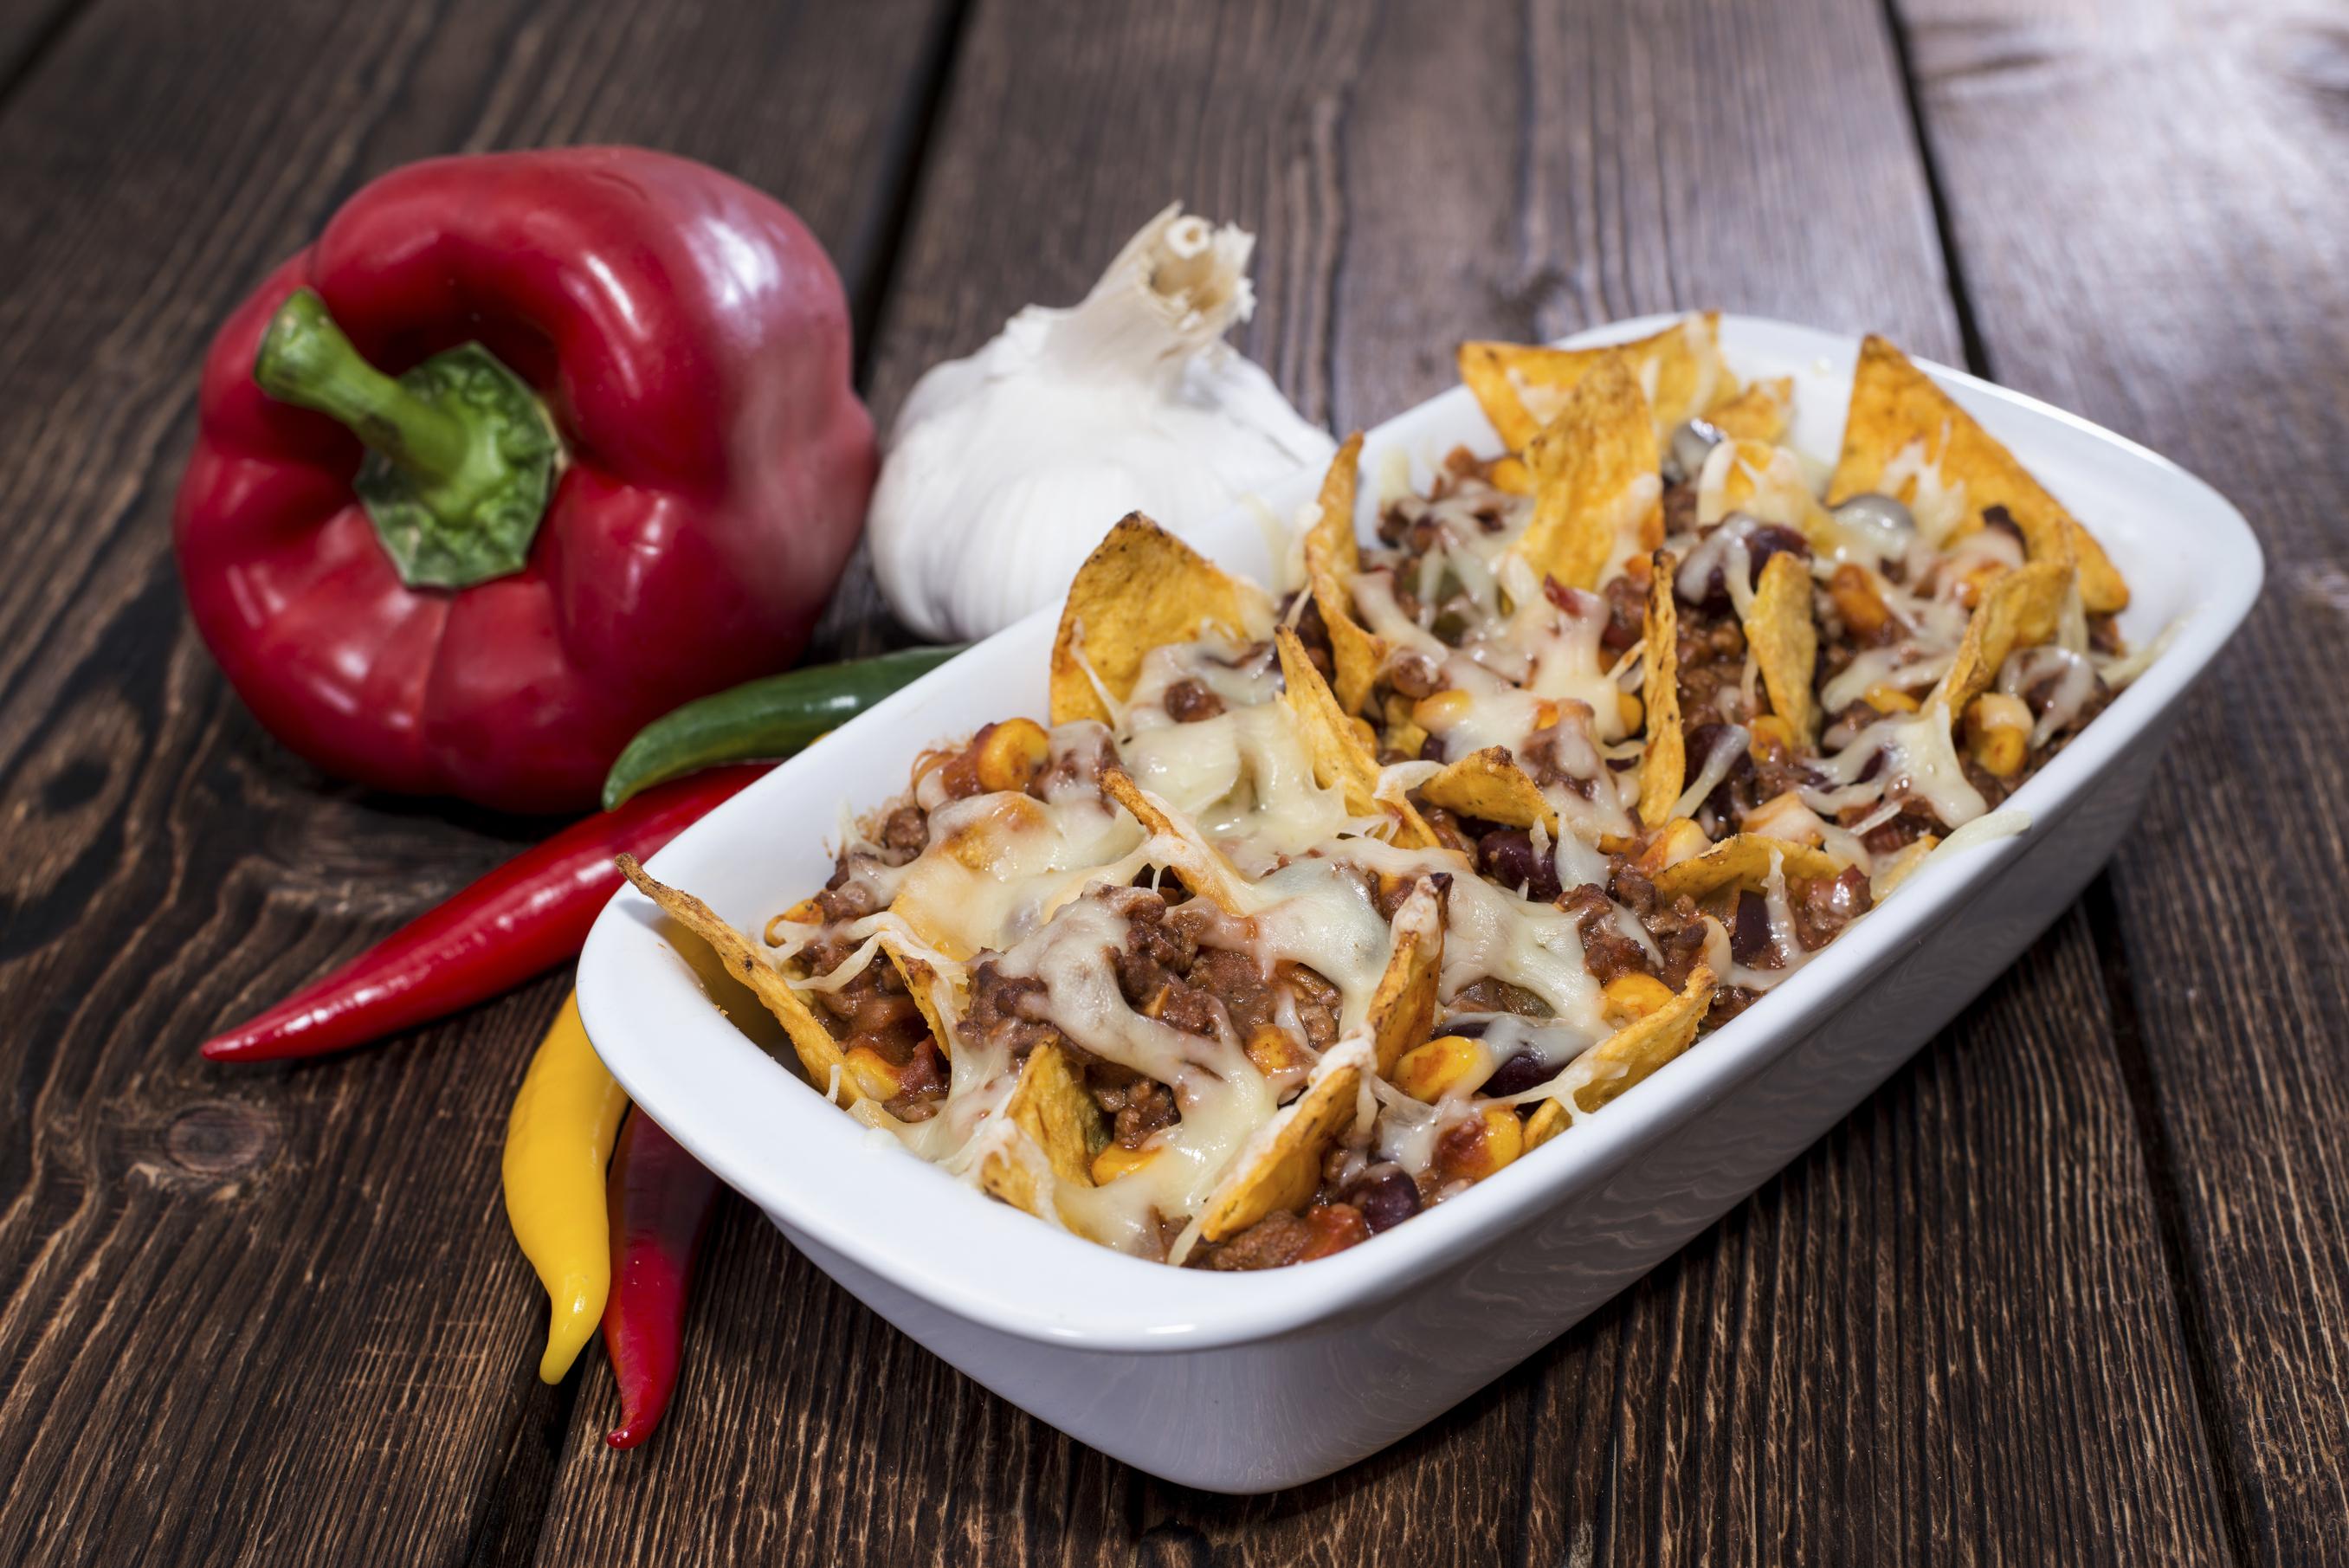 Unwiderstehlich: Nachos überbacken mit Käse